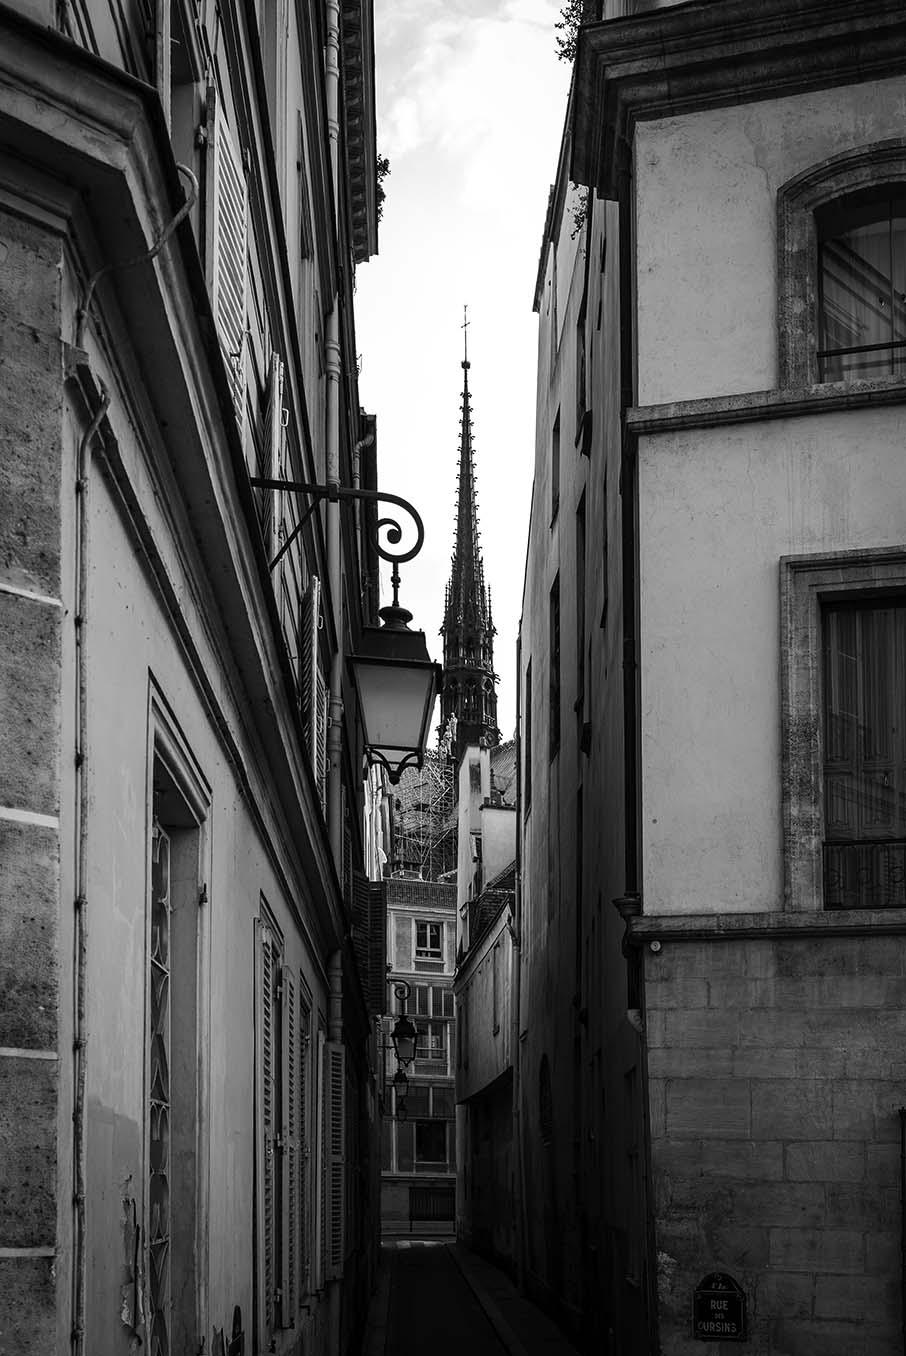 rue des ursins, paris, gildalliere, 2018